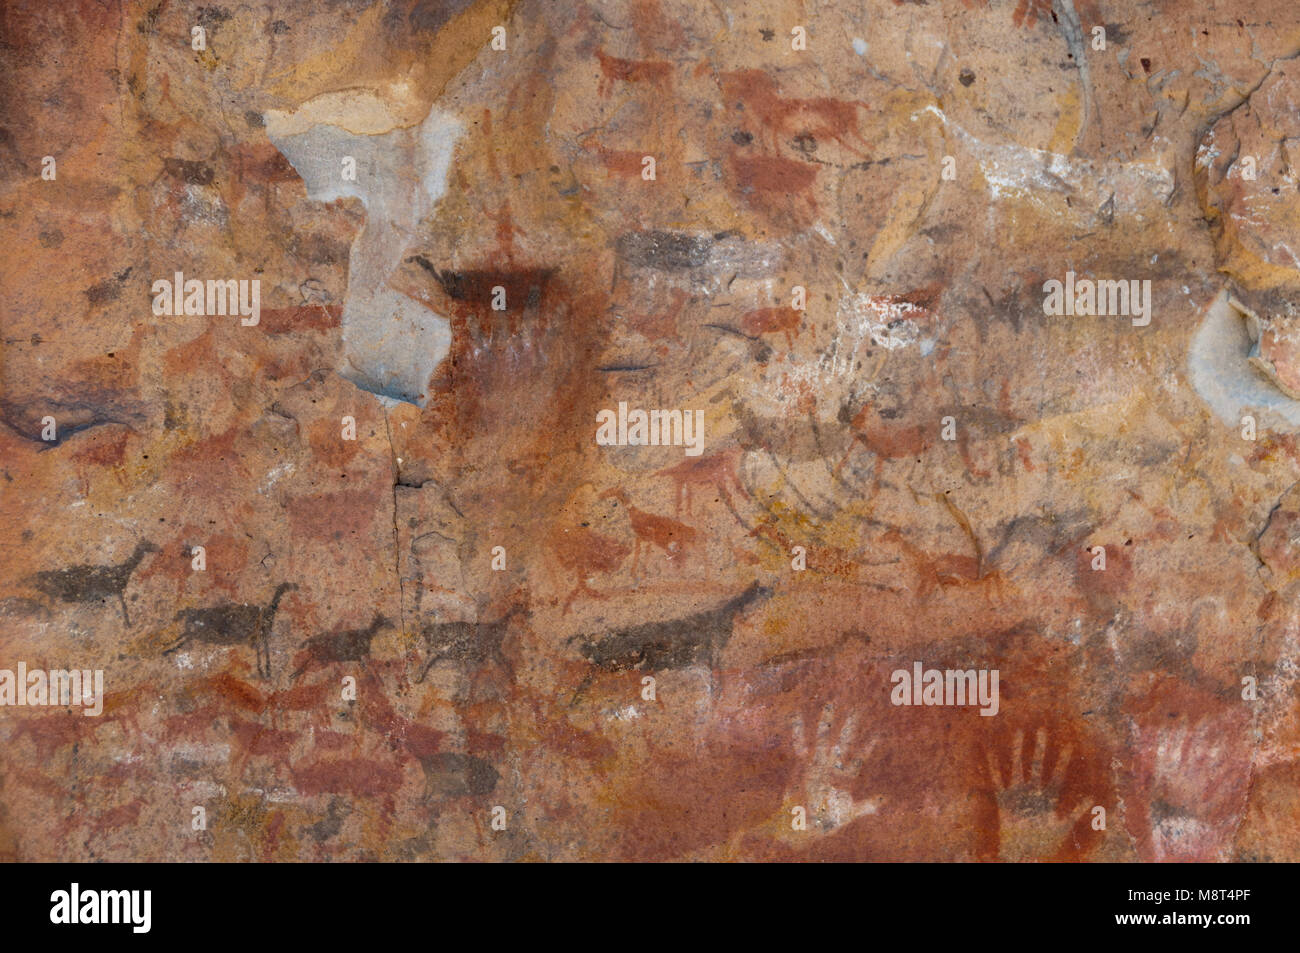 Rock art near the Cuevo de las manos. - Stock Image